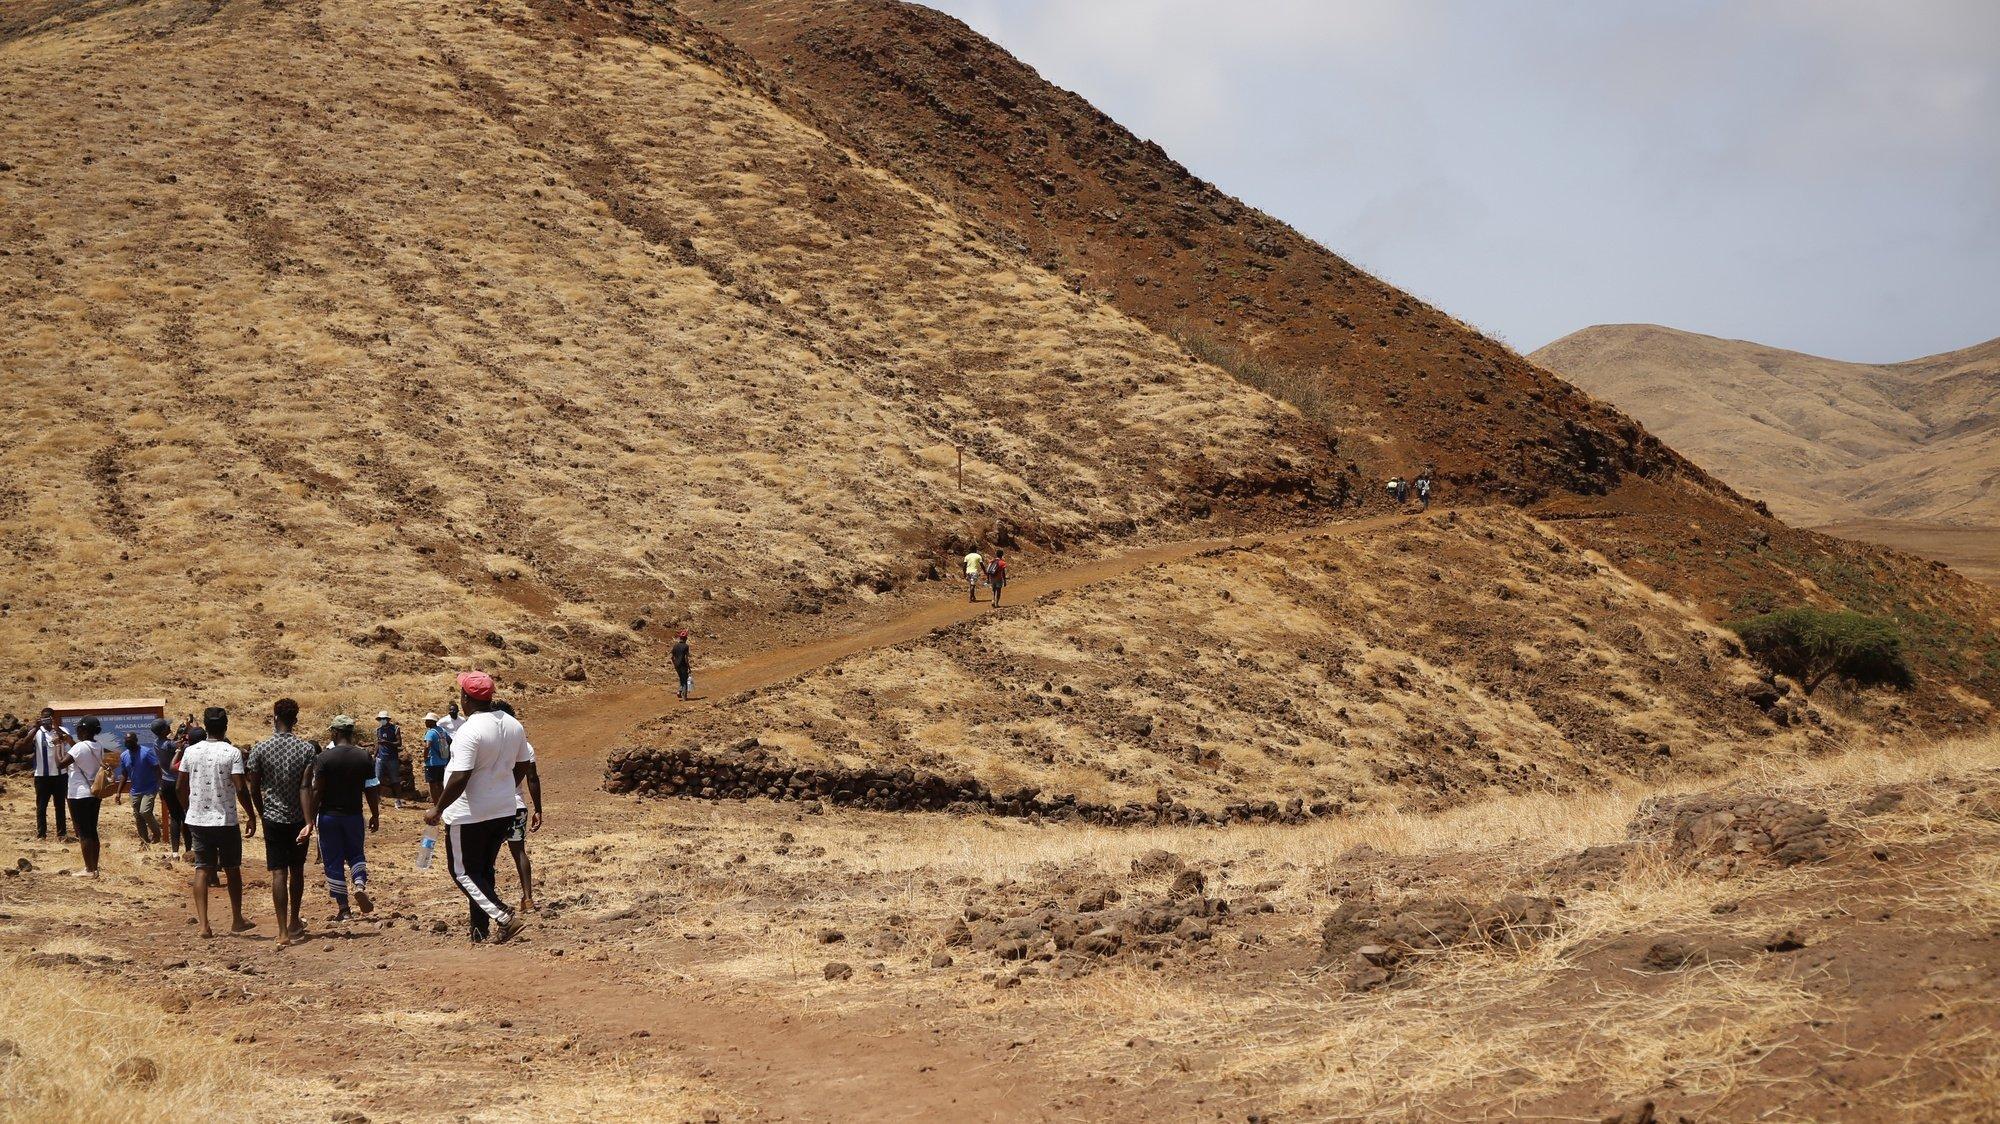 Caminheiros percorrem o novo troço de 2.800 metros da Rota Pedestre, entre a Baía do Inferno e Monte Angra, que sobe a antigo vulcão, e quer atrair turismo de caminhadas para ilha cabo-verdiana de Santiago, Cabo Verde, 29 de maio de 2021. O percurso, panorâmico e que oferece a vista para a ilha do Fogo, inserido na maior falésia costeira de Cabo Verde e uma das mais altas de todo o Atlântico Norte, conta-se em 2.800 metros, que se percorre num dia de passeio, exclusivamente a pé, mas a vista até ao cume é incontável. (ACOMPANHA TEXTO DA LUSA DO DIA 07 DE JUNHO DE 2021). FERNANDO DE PINA/LUSA